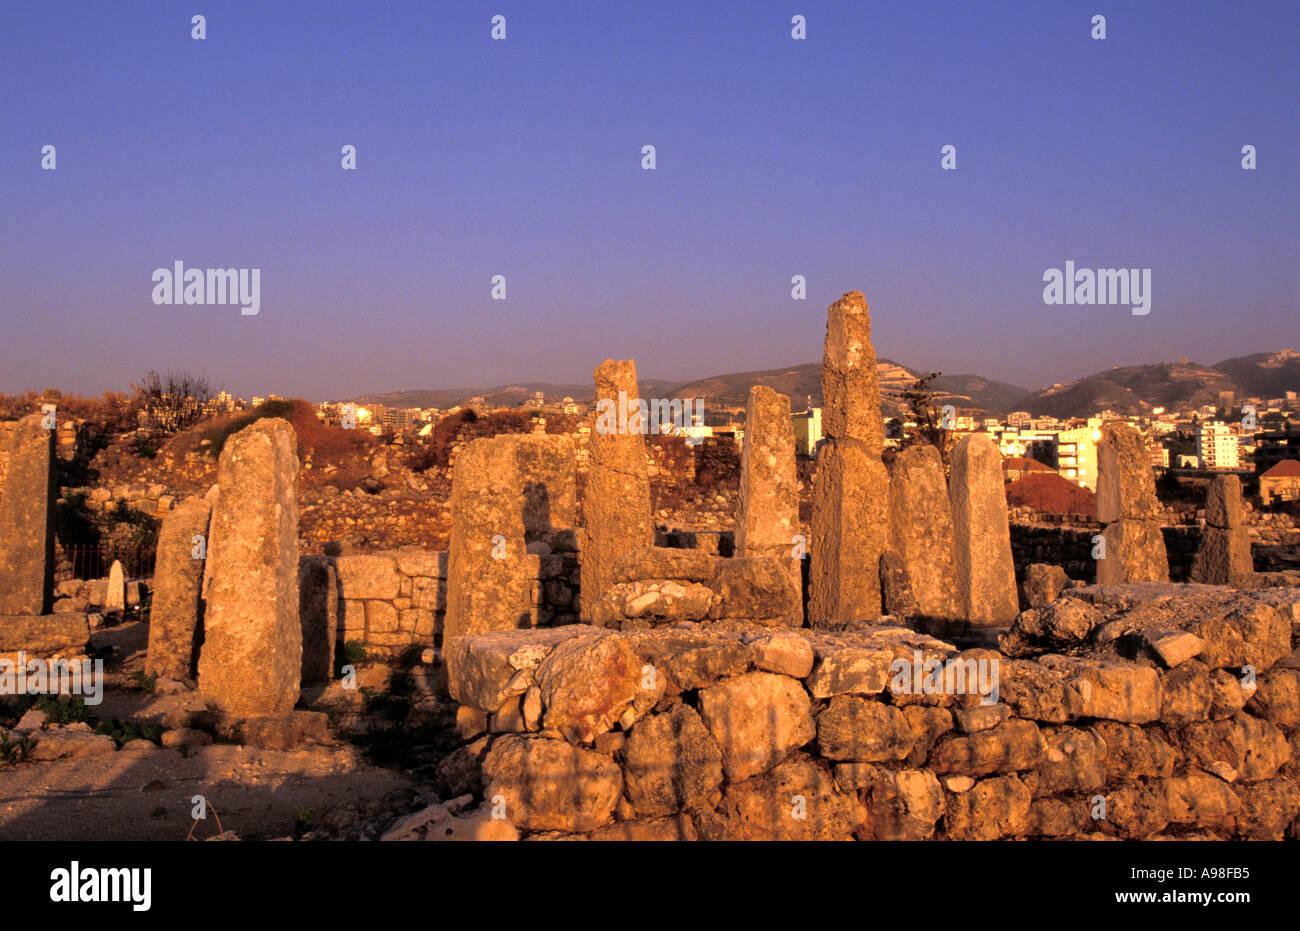 Obelisco tempio, Byblos (Jbail), il Libano. Immagini Stock